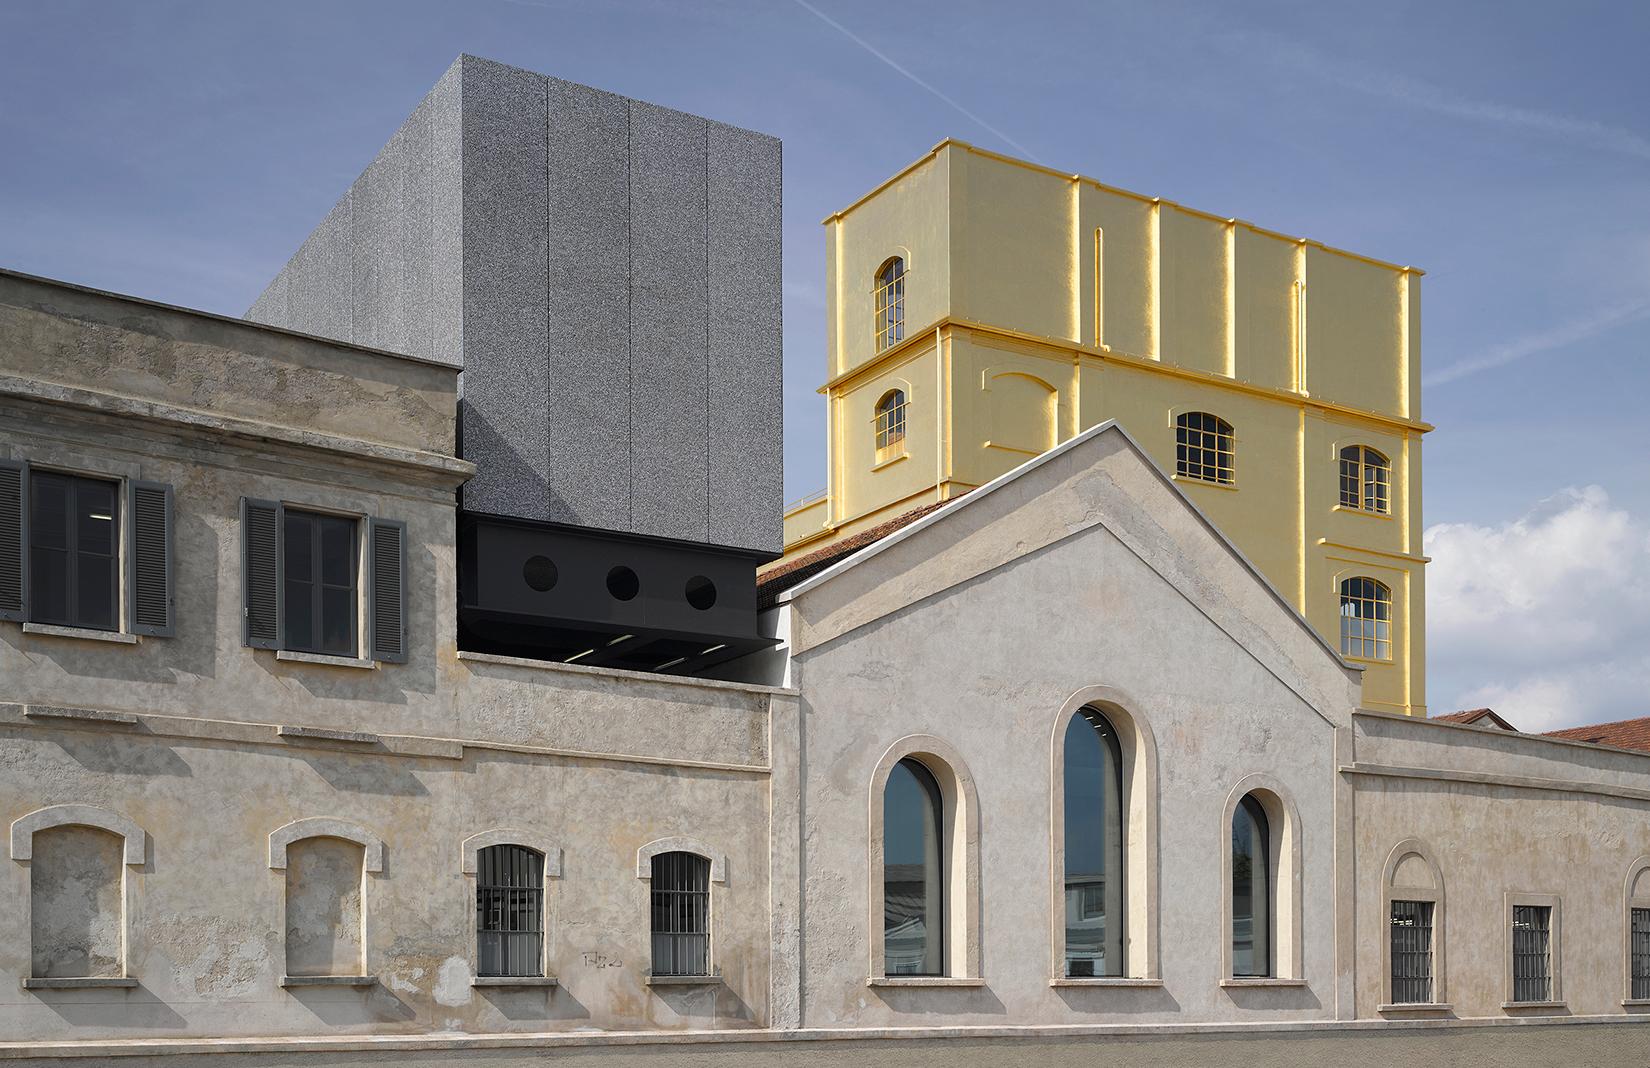 The Fondazione Prada in Milan, designed by OMA